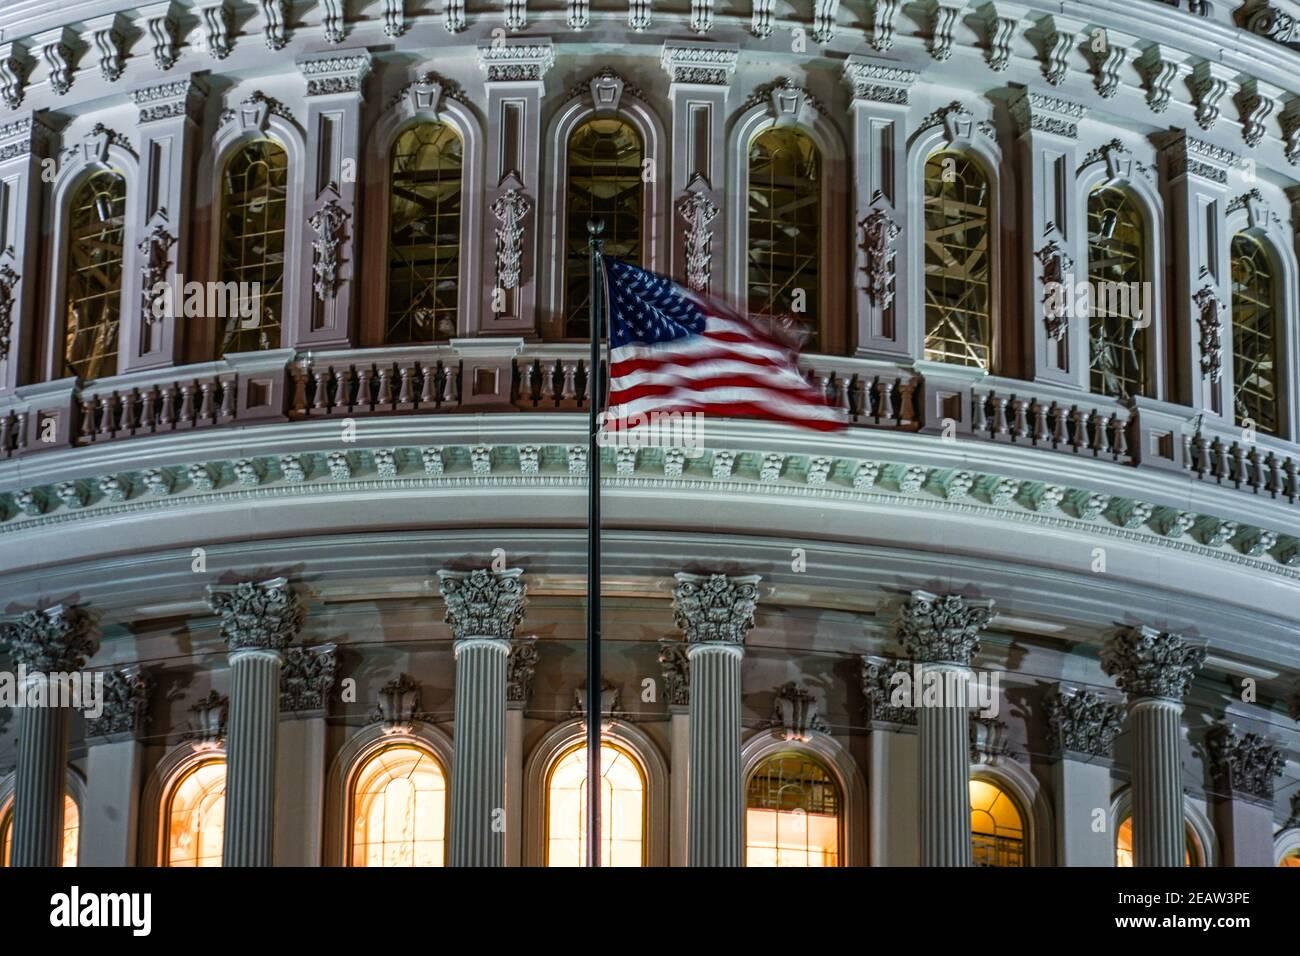 Capitolio de los Estados Unidos (Capitolio de los Estados Unidos) Foto de stock